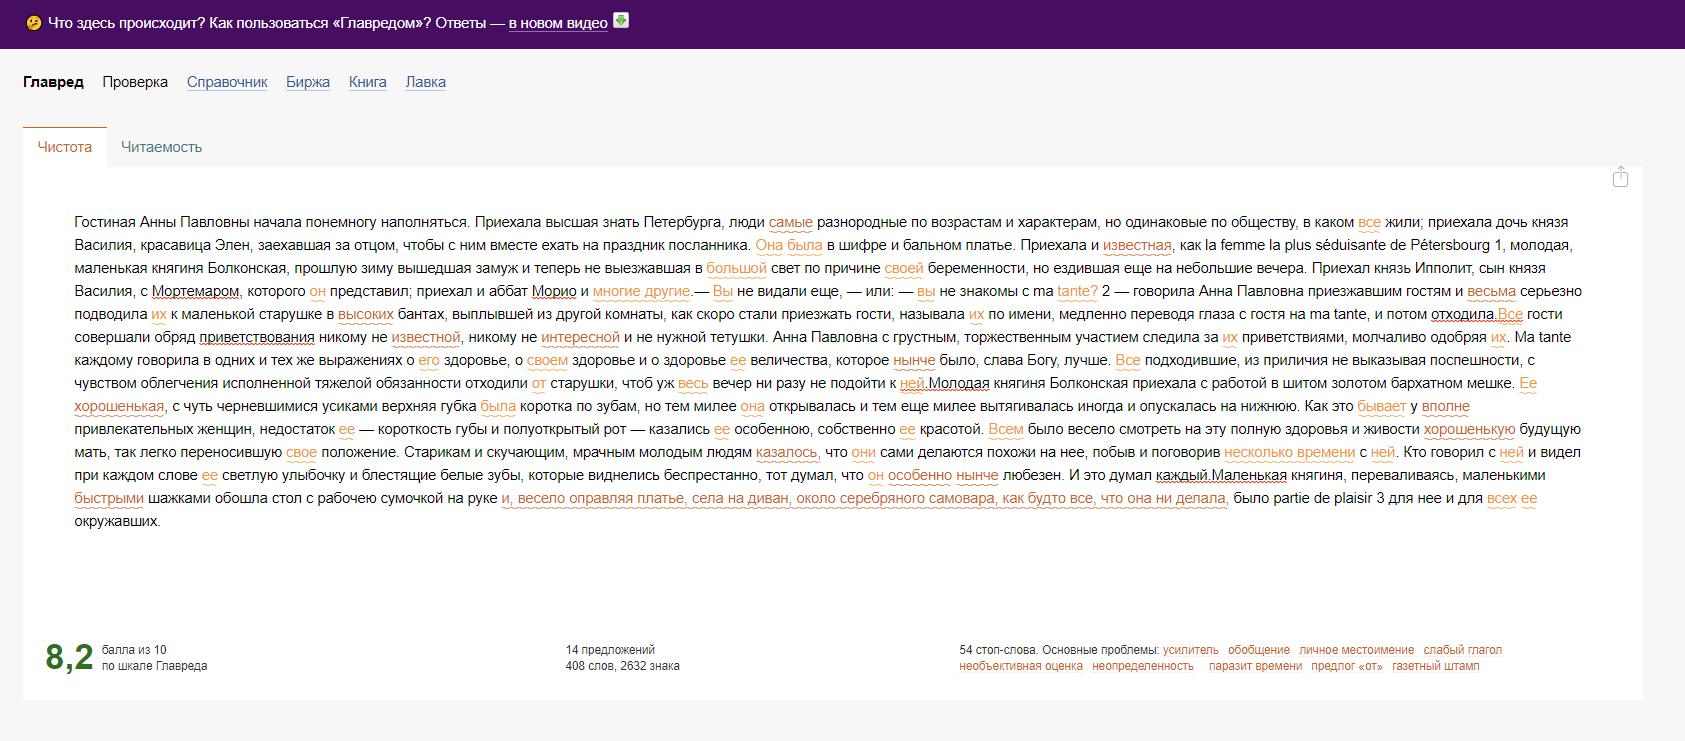 Как пользоваться онлайн-сервисами для синтаксического разбора предложения - 2